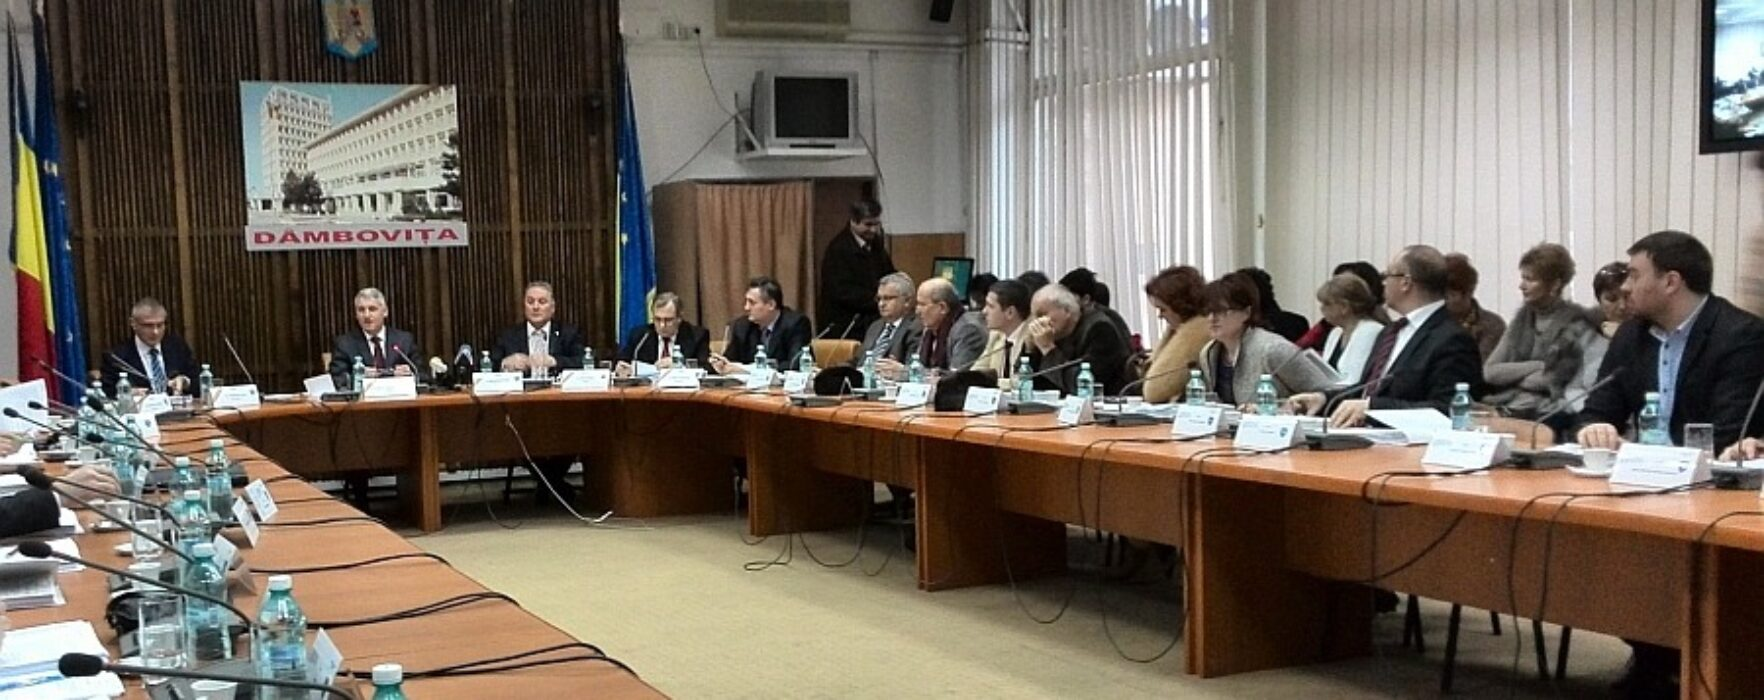 Dâmboviţa: PSD şi ACL se contrazic pe hotărâri adoptate la ultima şedinţă de consiliu judeţean